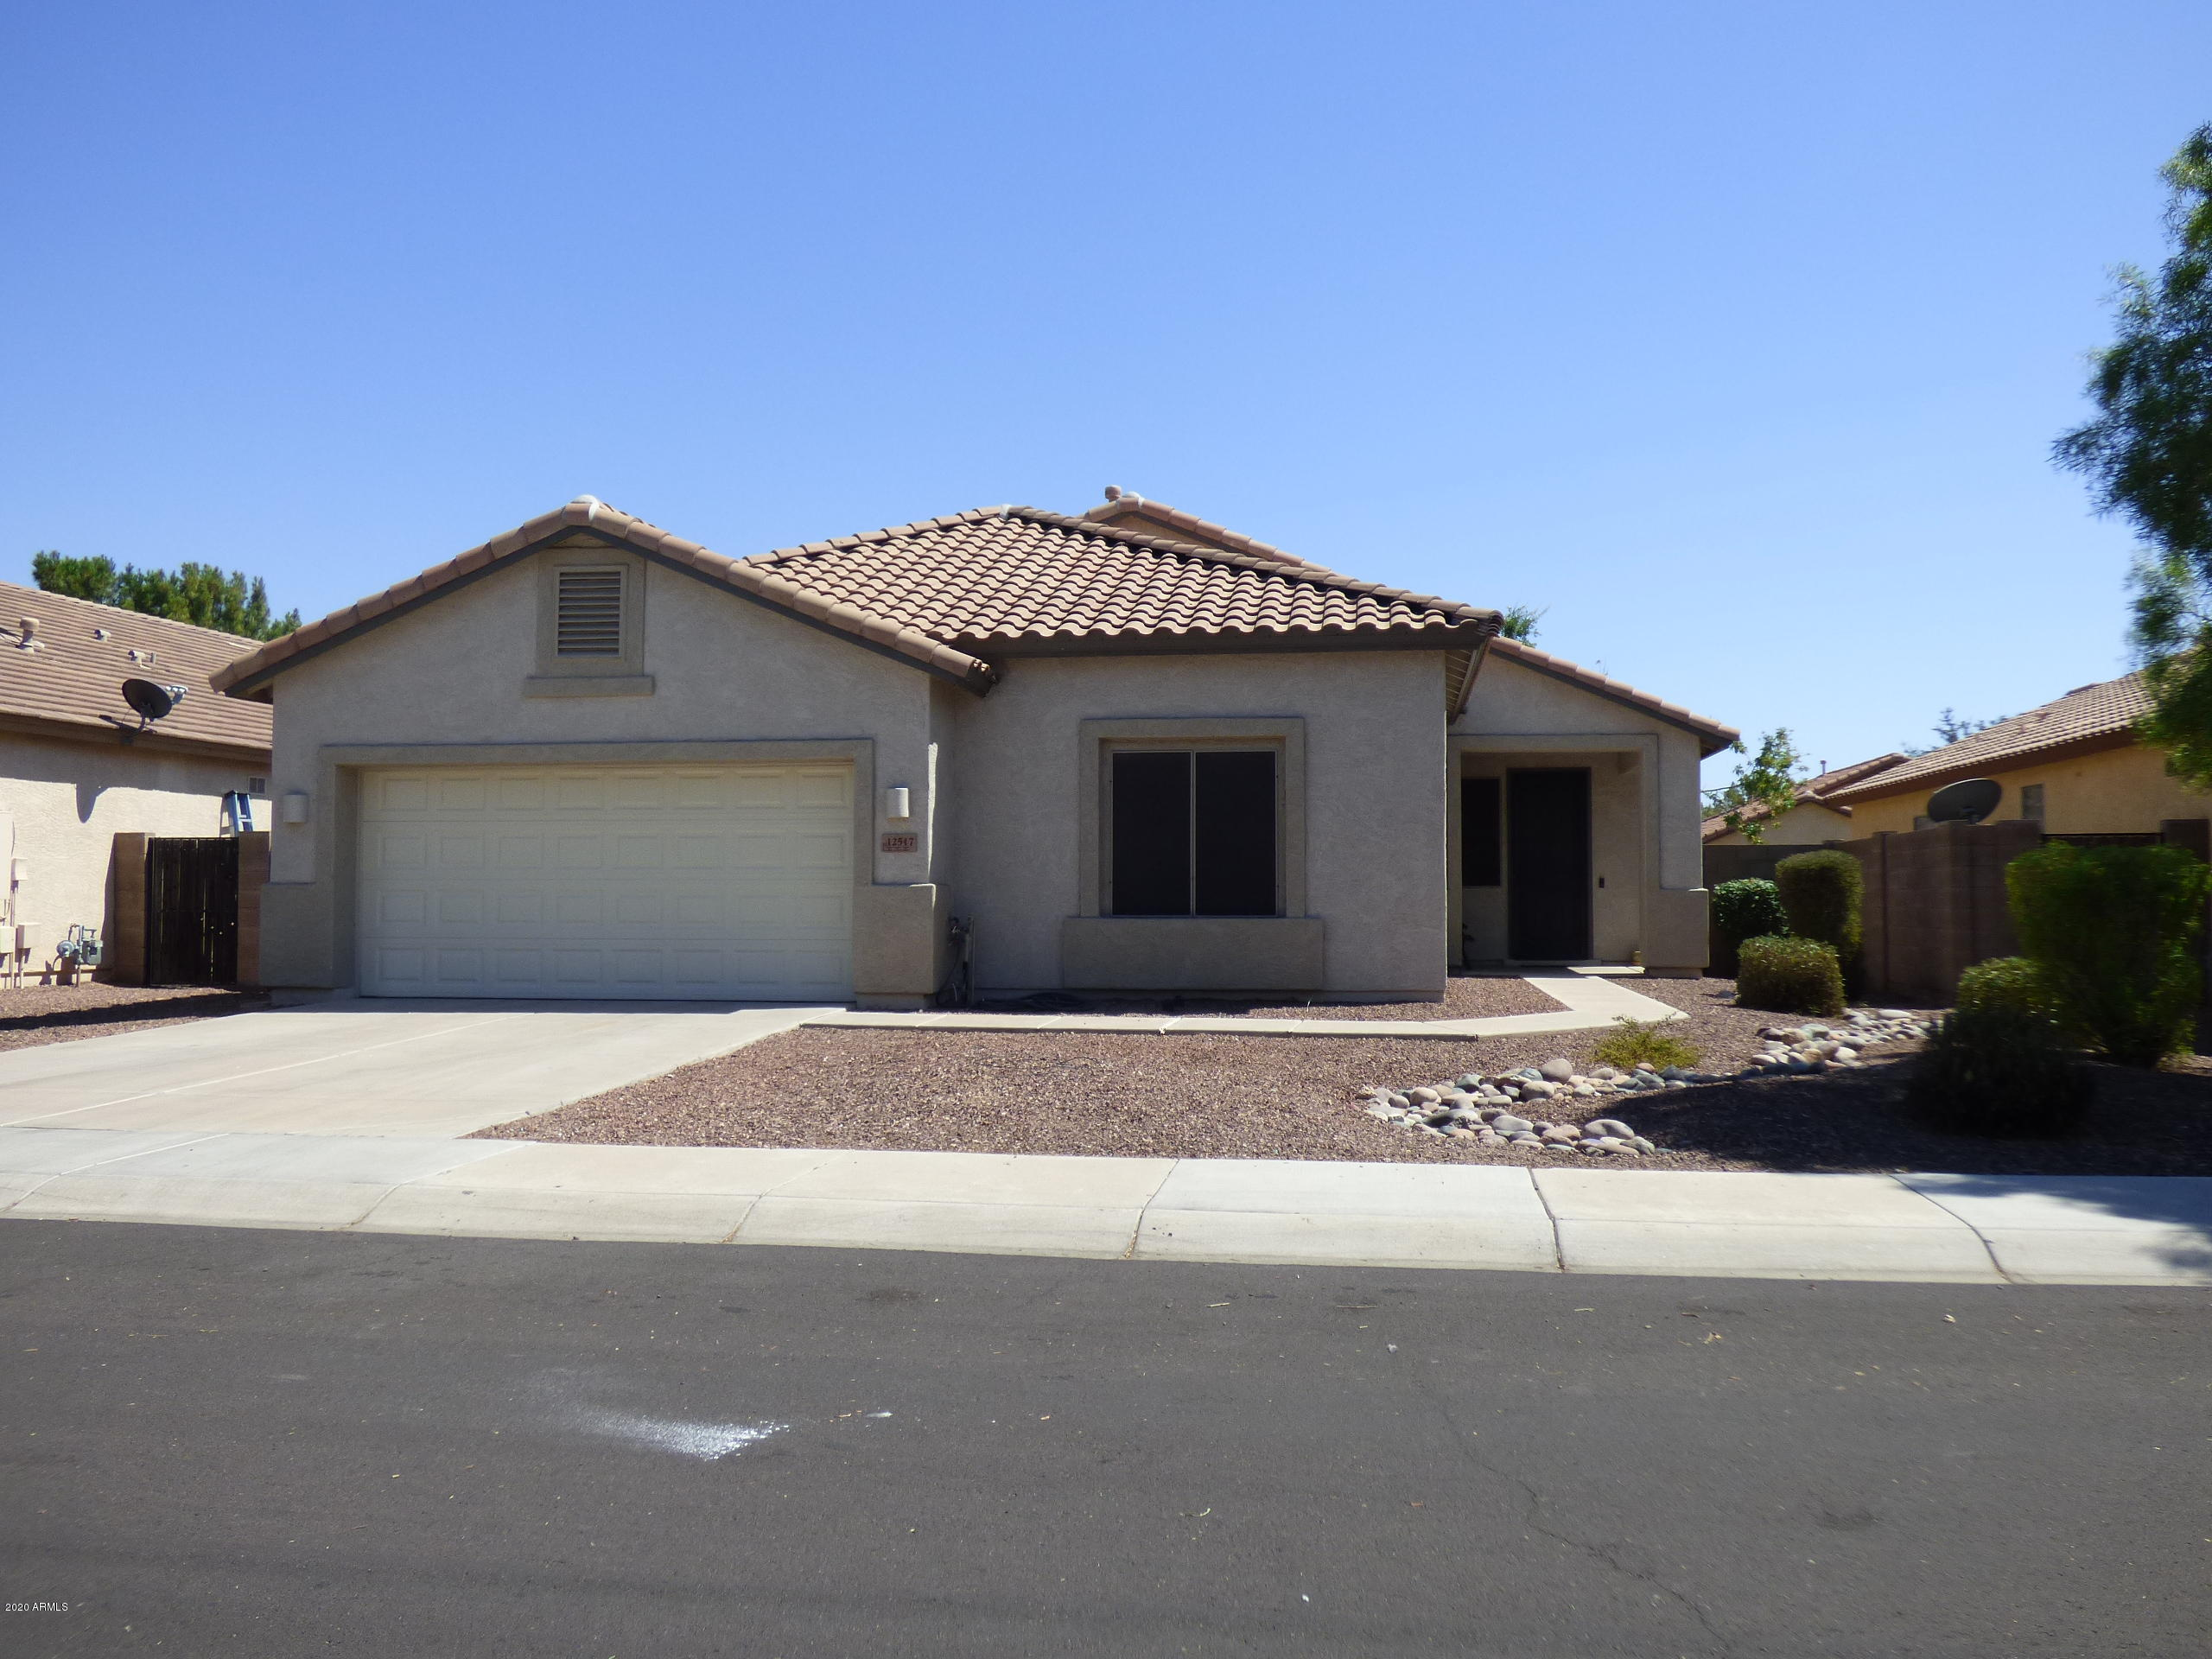 Photo of 12517 W APODACA Drive, Litchfield Park, AZ 85340